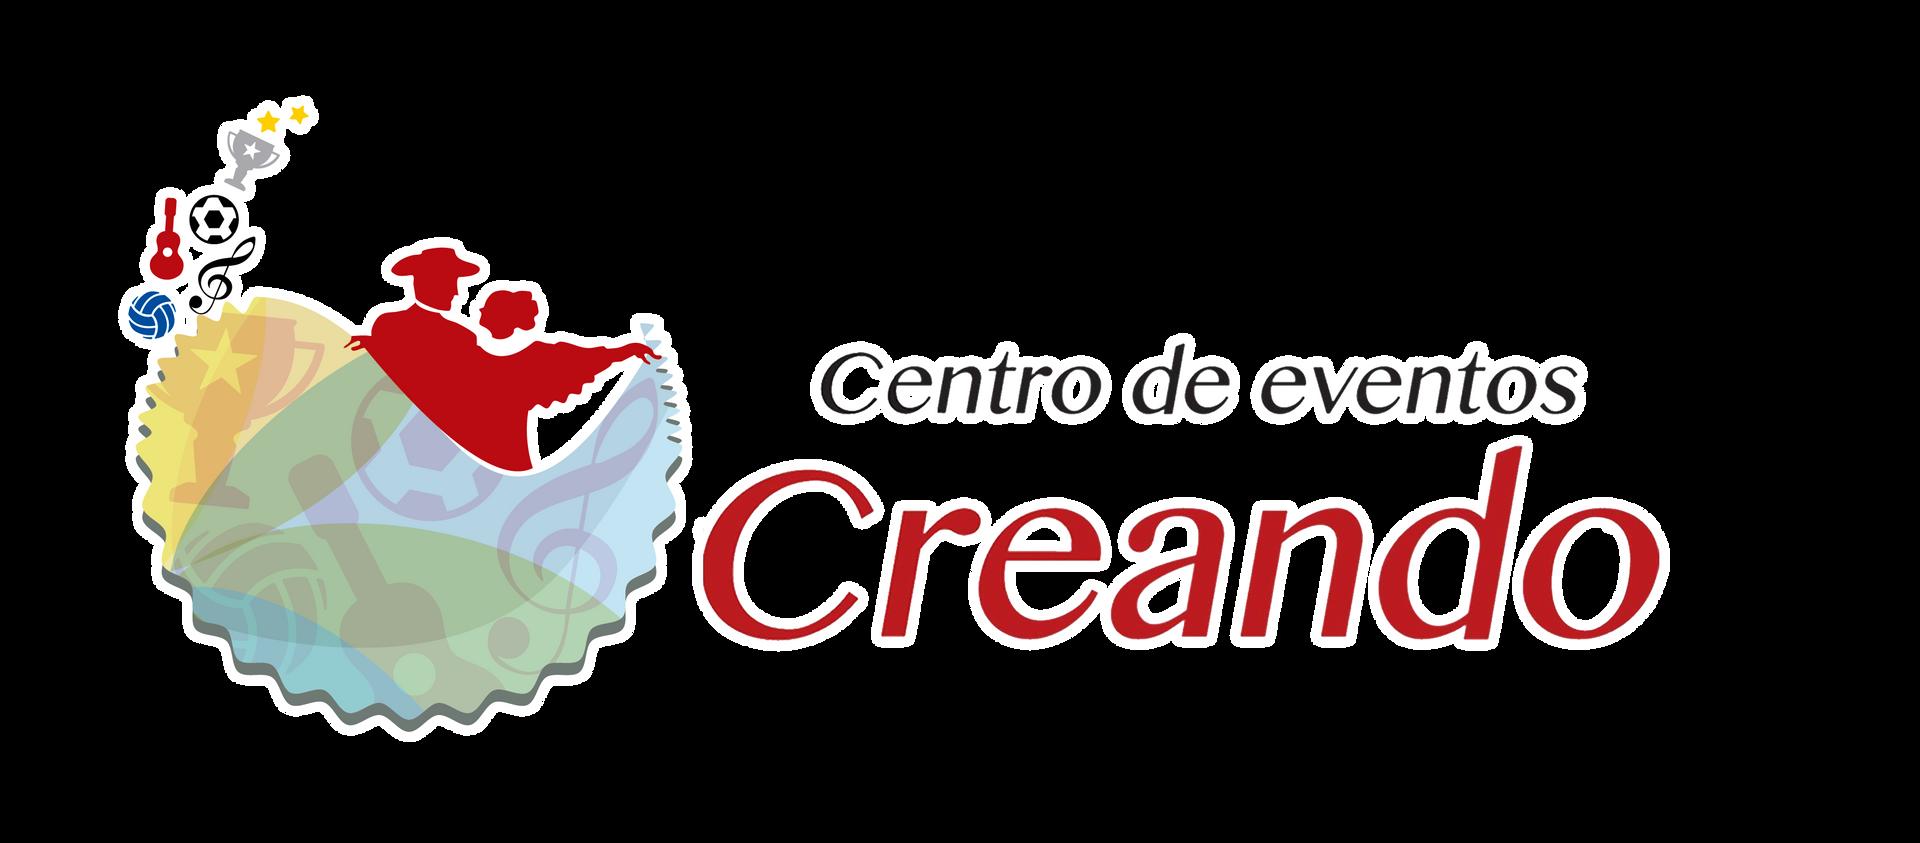 LOGO CREANDO ILUSTRATOR-01 - cop.png